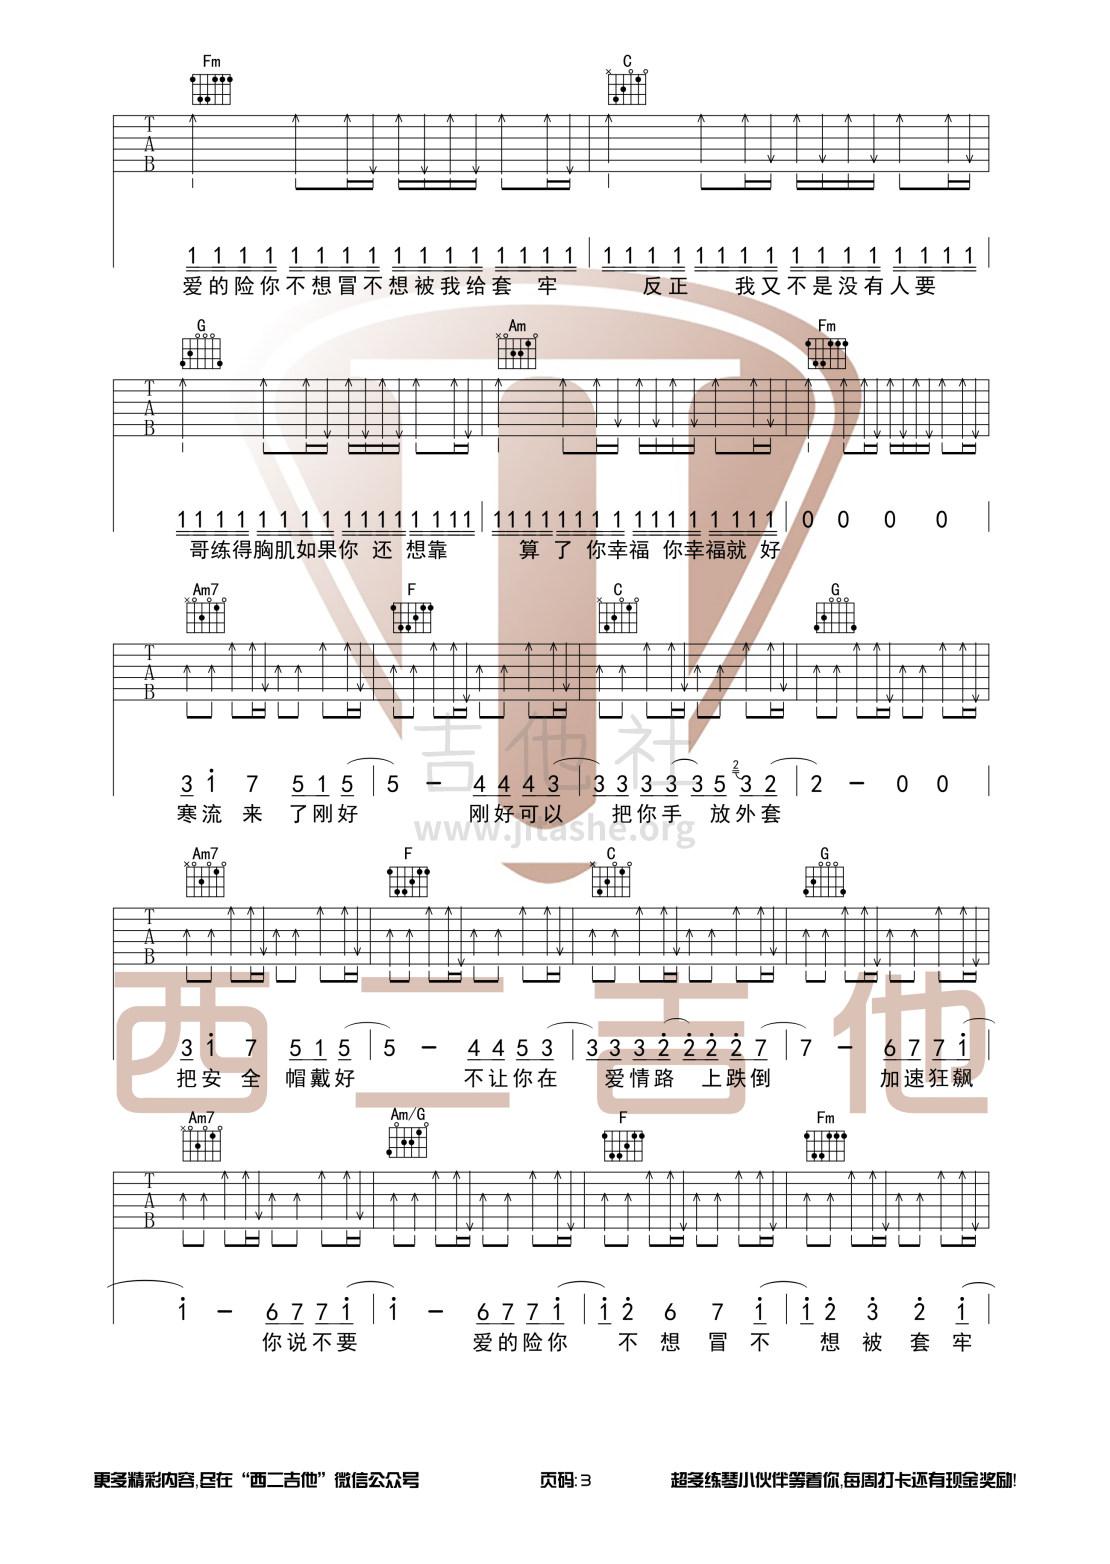 不爱我就拉倒吉他谱(图片谱,西二吉他,C调,教学)_周杰伦(Jay Chou)_不爱我就拉倒3.jpg